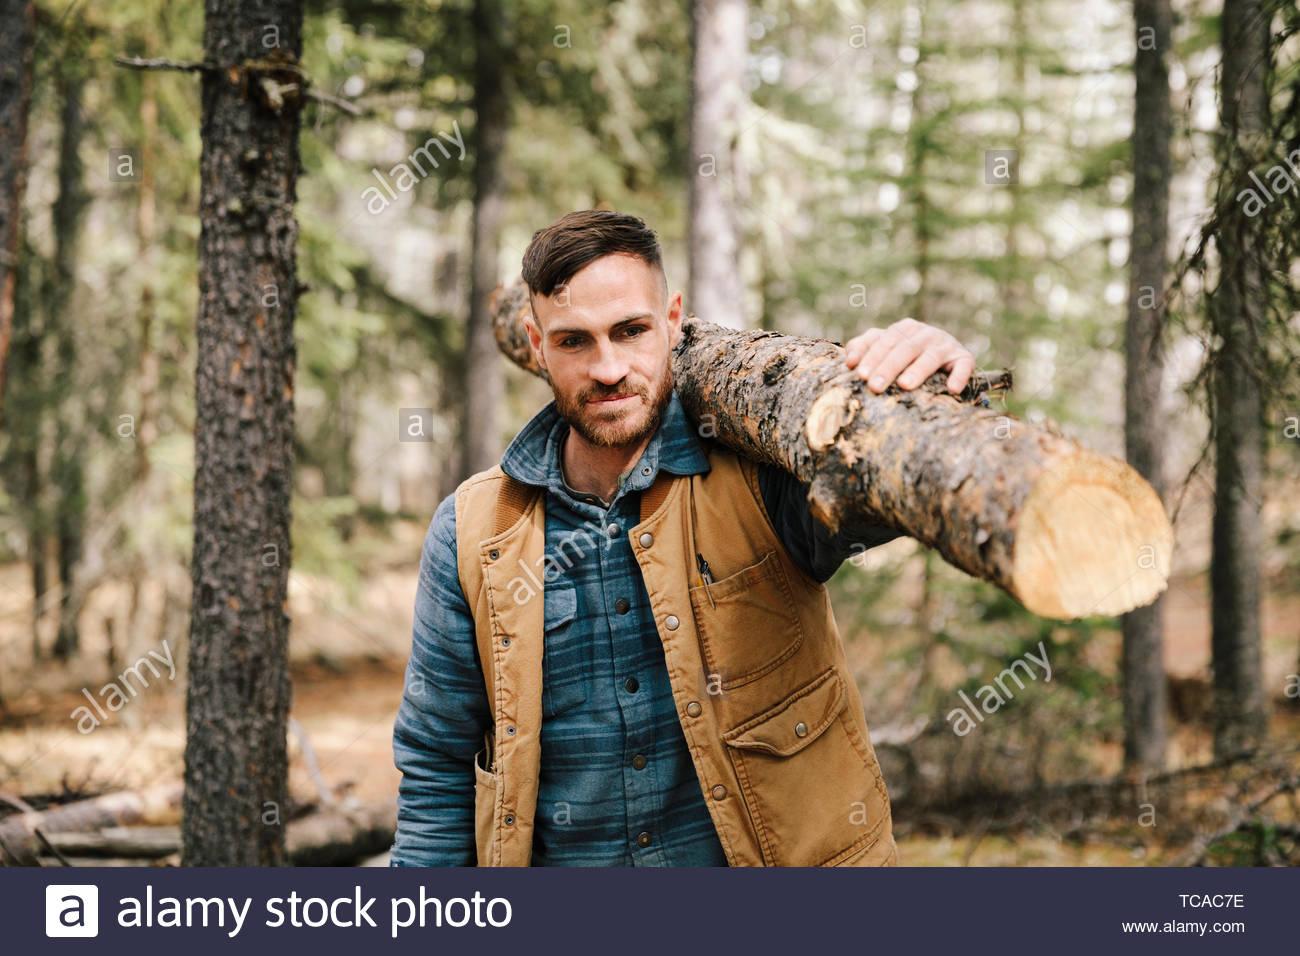 Man tronc de l'arbre pour le bois de chauffage au bois Photo Stock